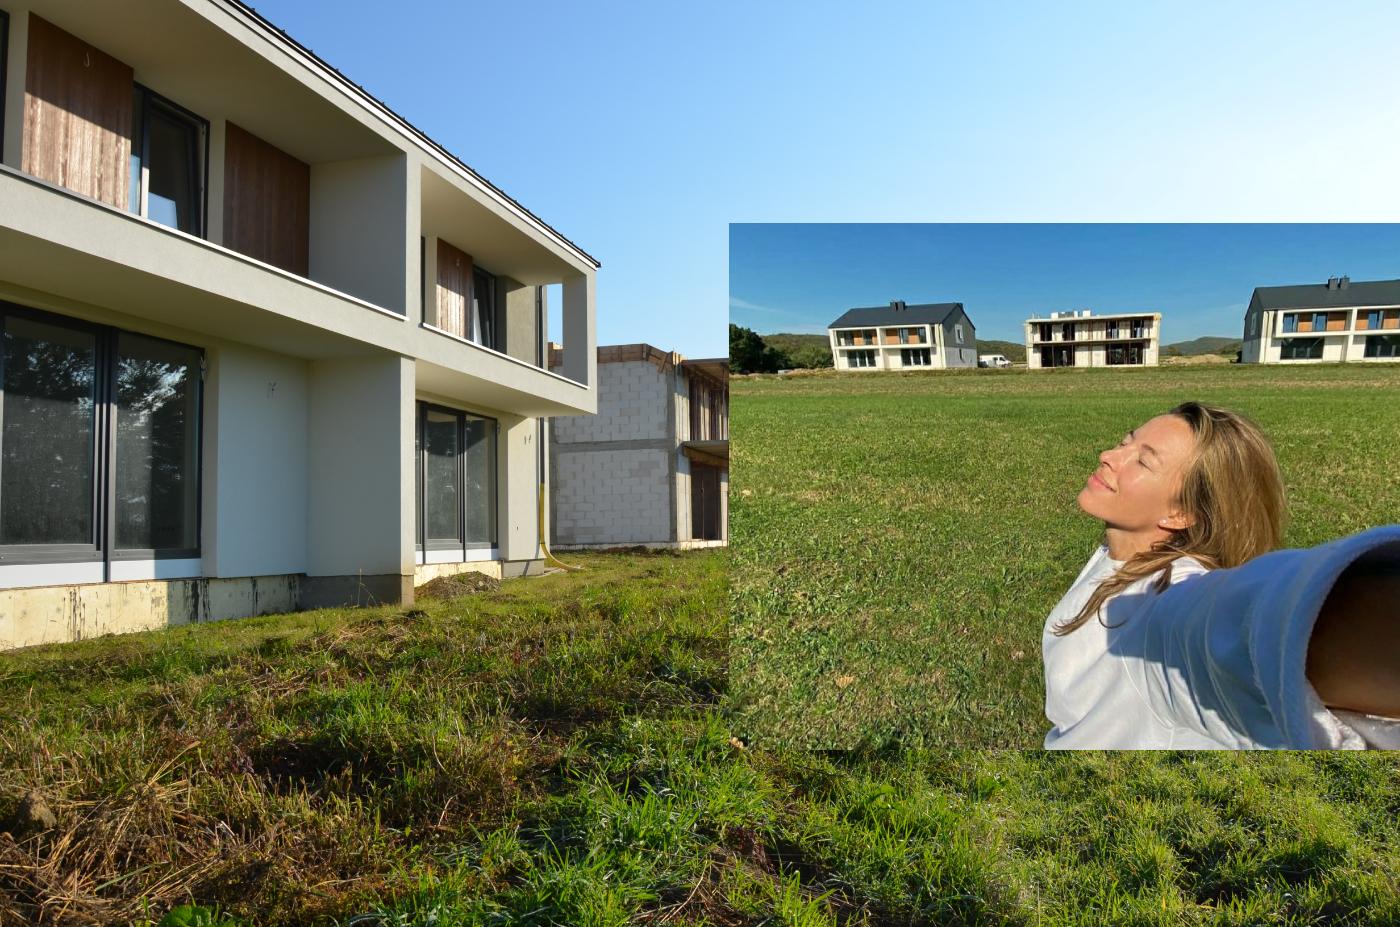 Ewa Chodakowska buduje osiedle w rodzinnym Sanoku [ZDJĘCIA+WIDEO] - Zdjęcie główne